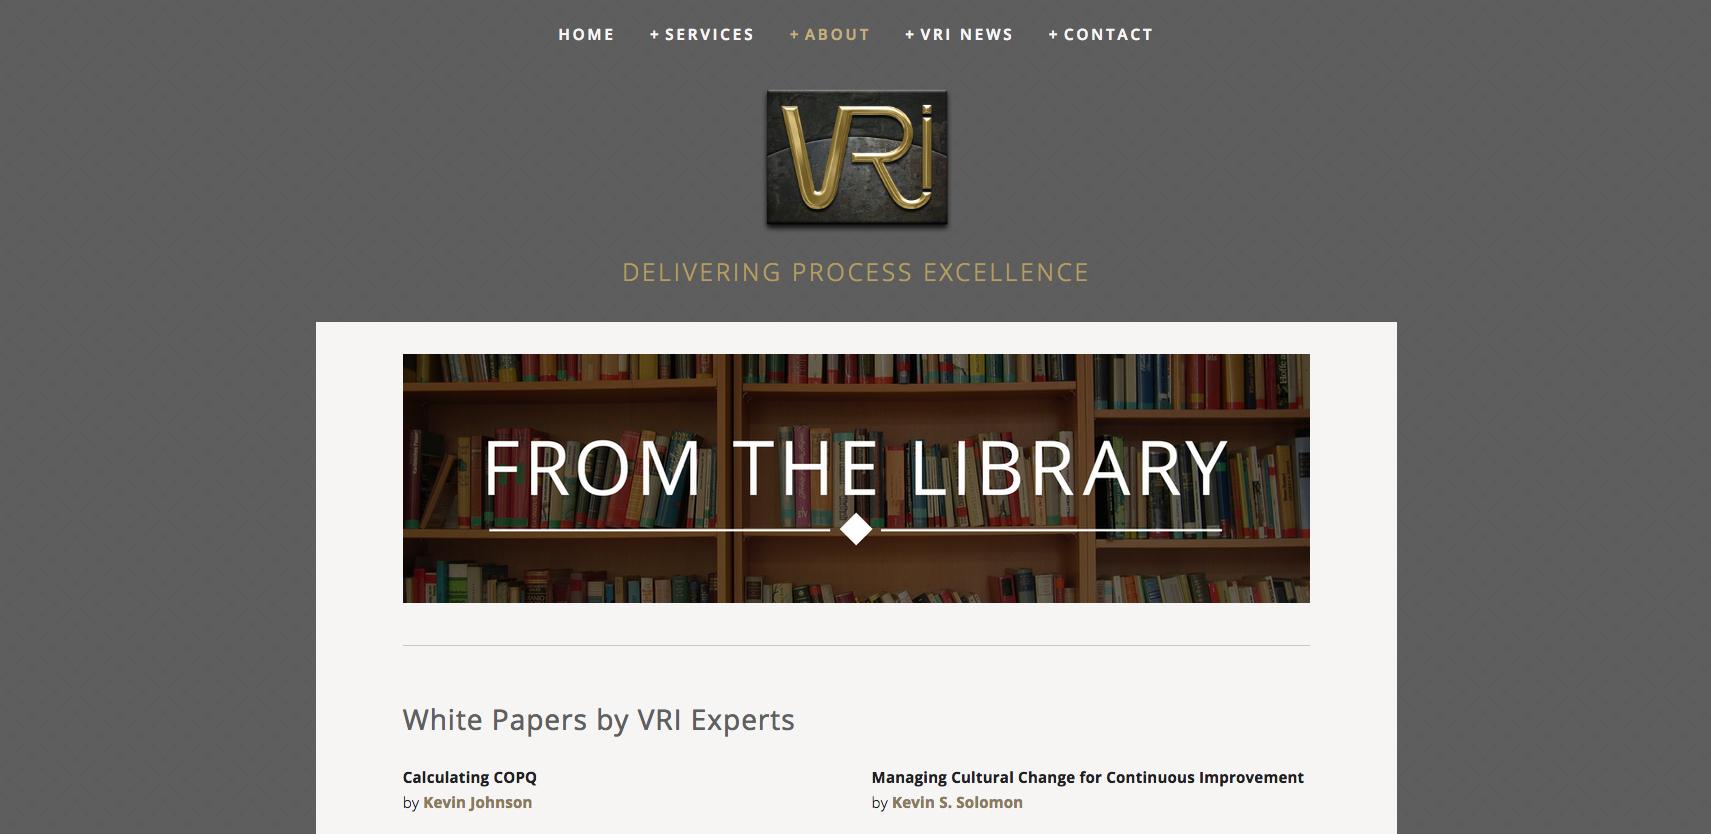 VRI Resources